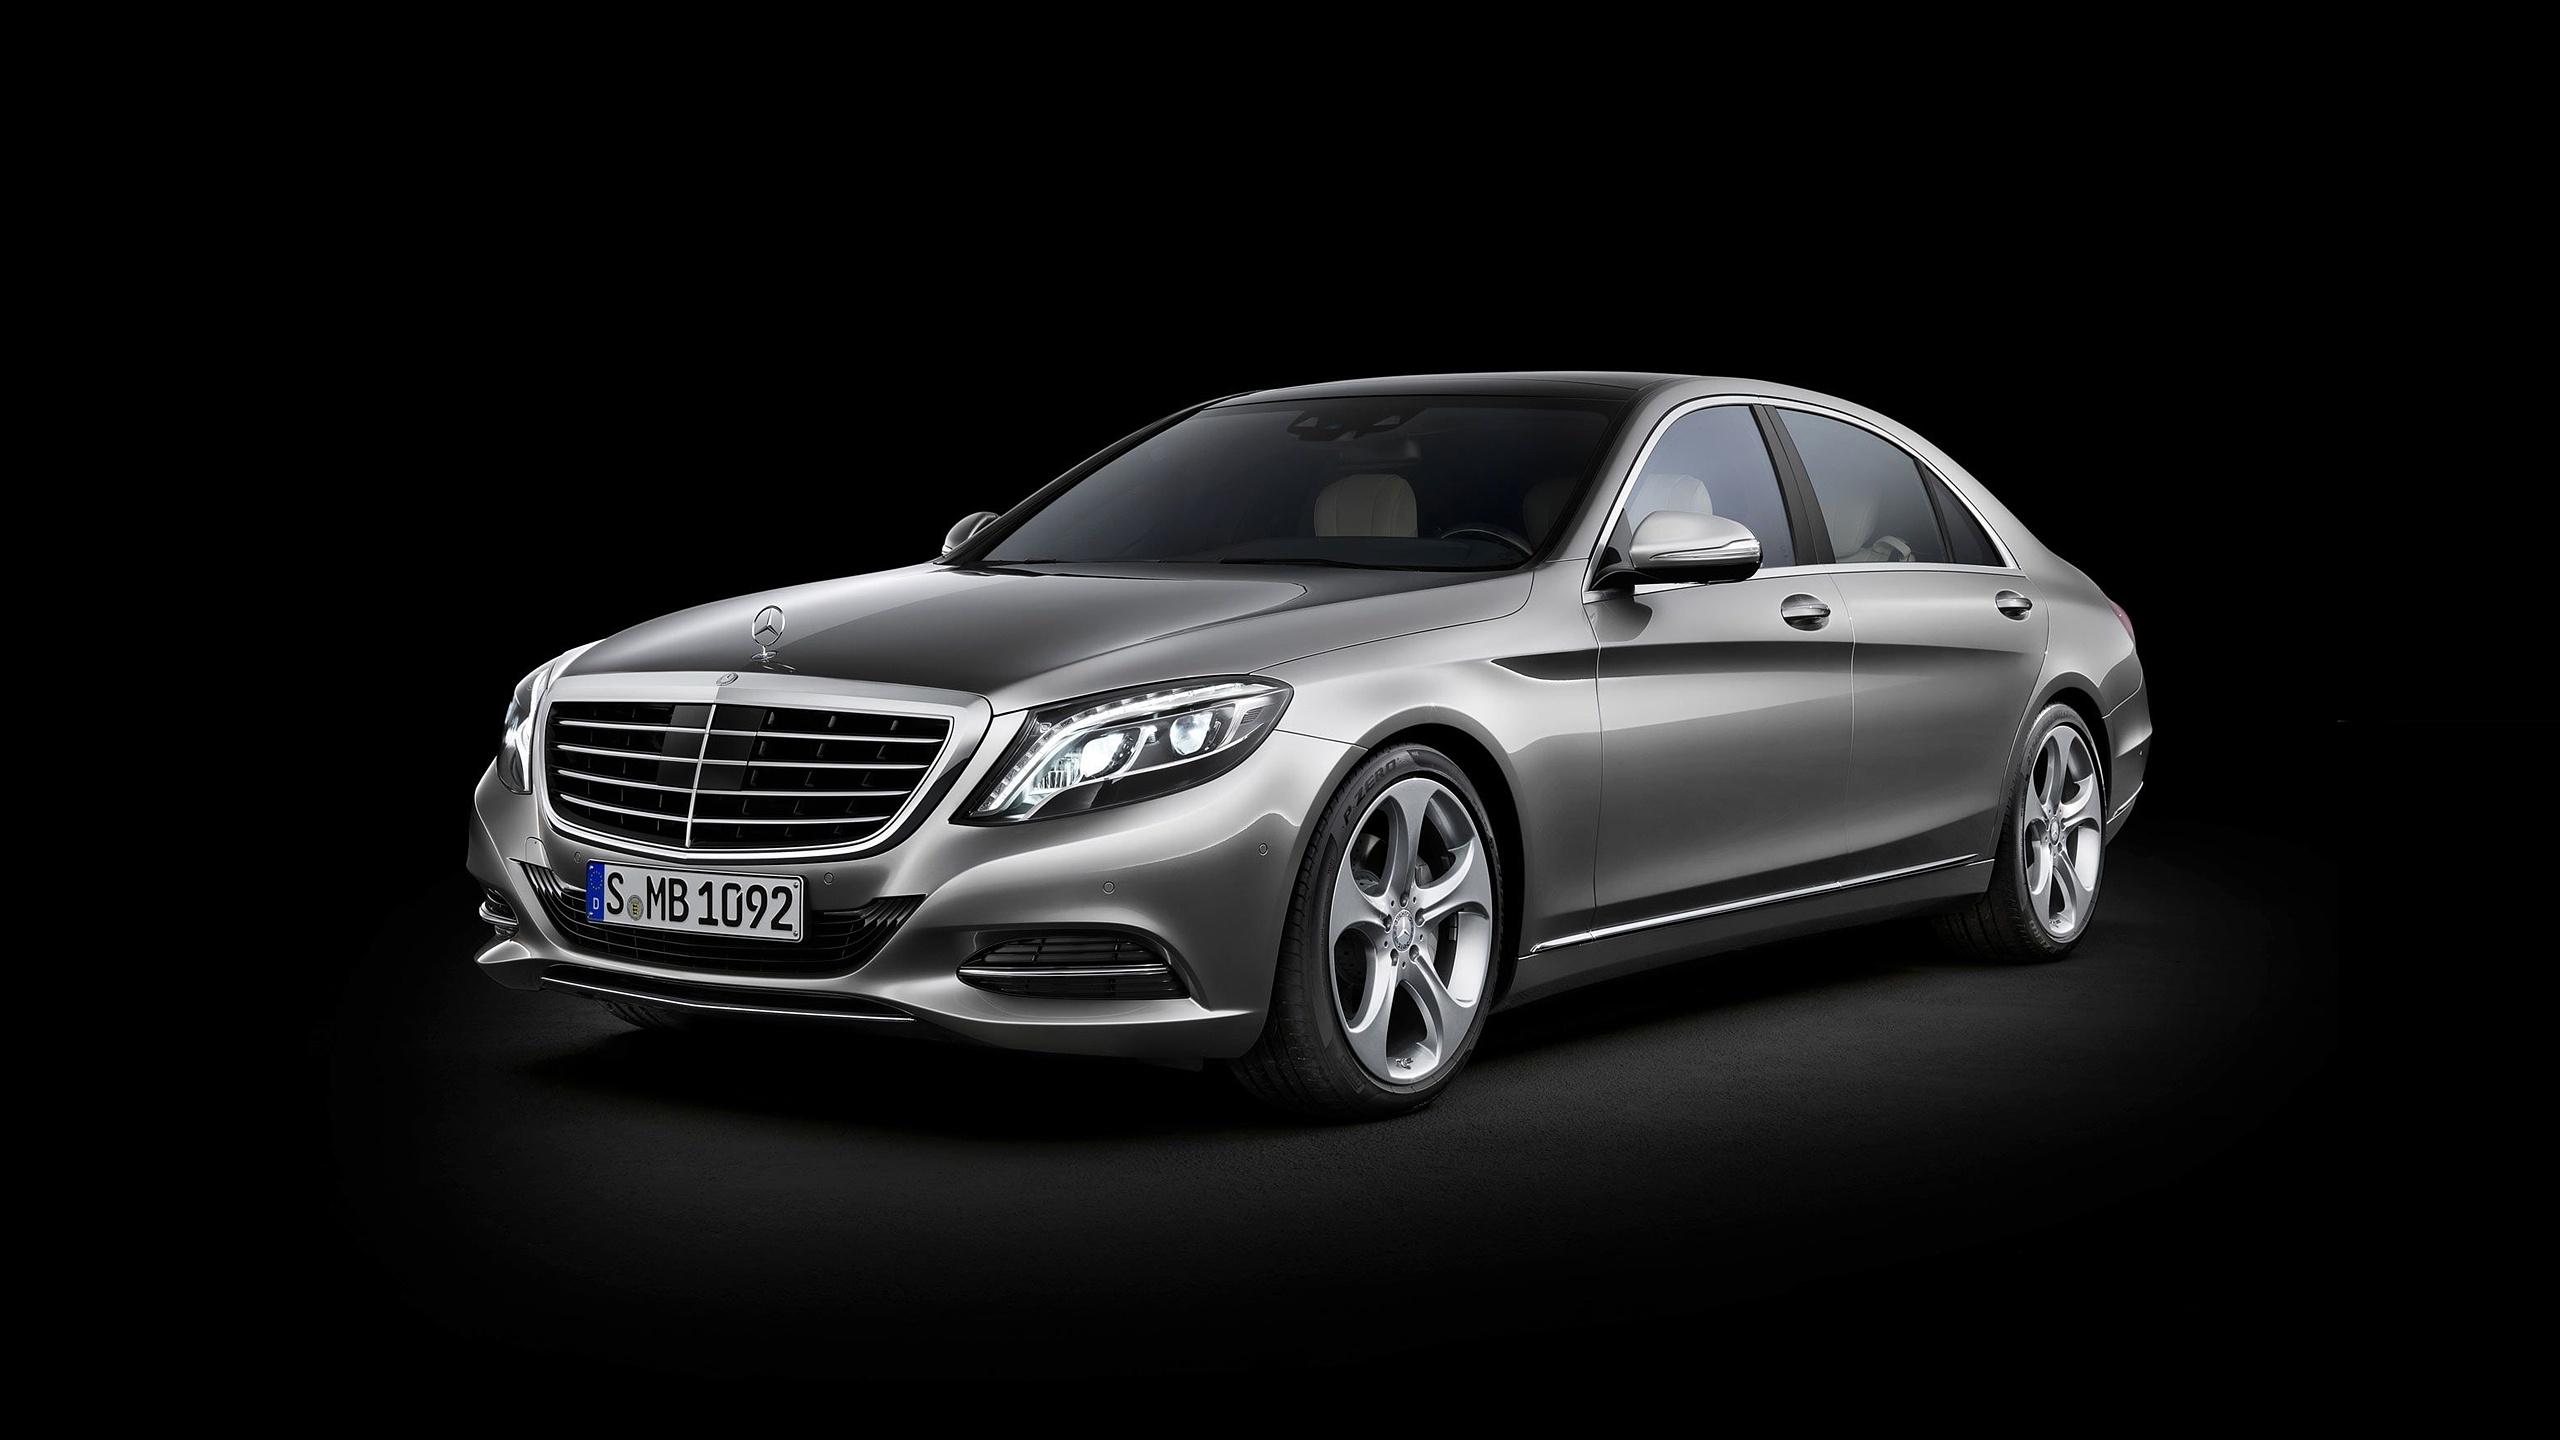 Фотографии Mercedes-Benz W222, s-class Серый Металлик Автомобили Мерседес бенц серая серые авто машины машина автомобиль